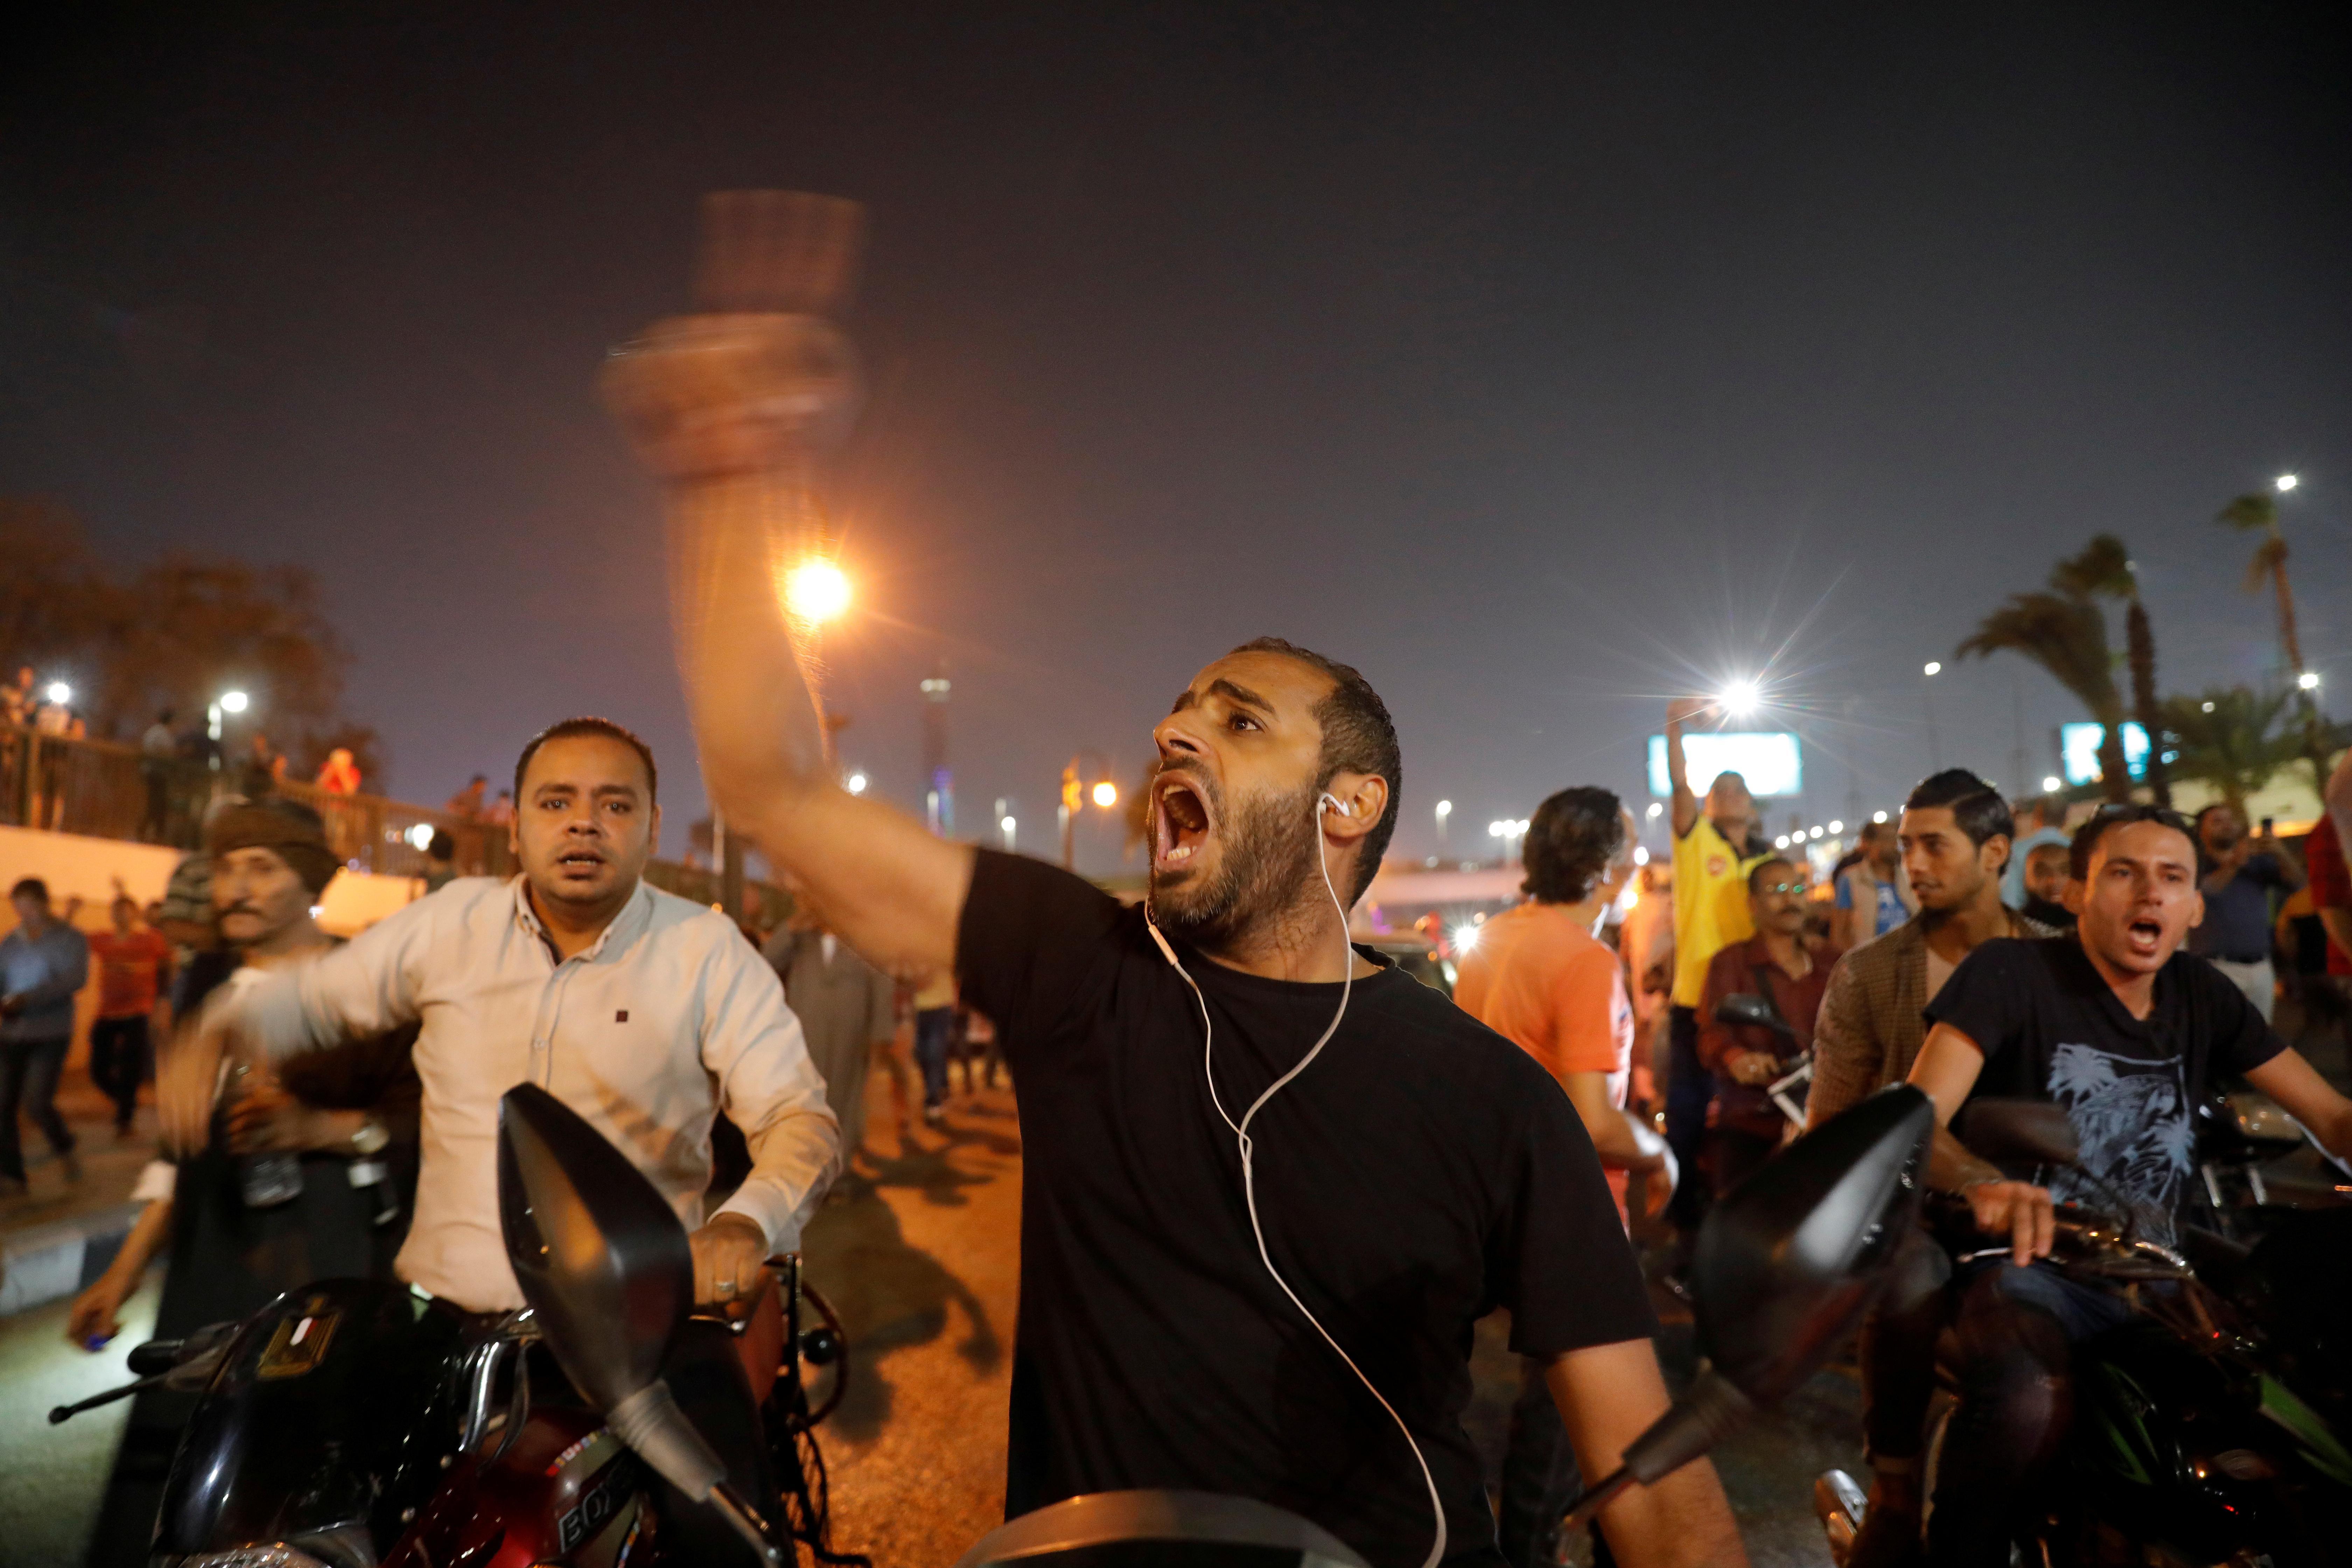 متظاهر قرب ميدان التحرير - 20 سبتمبر 2019